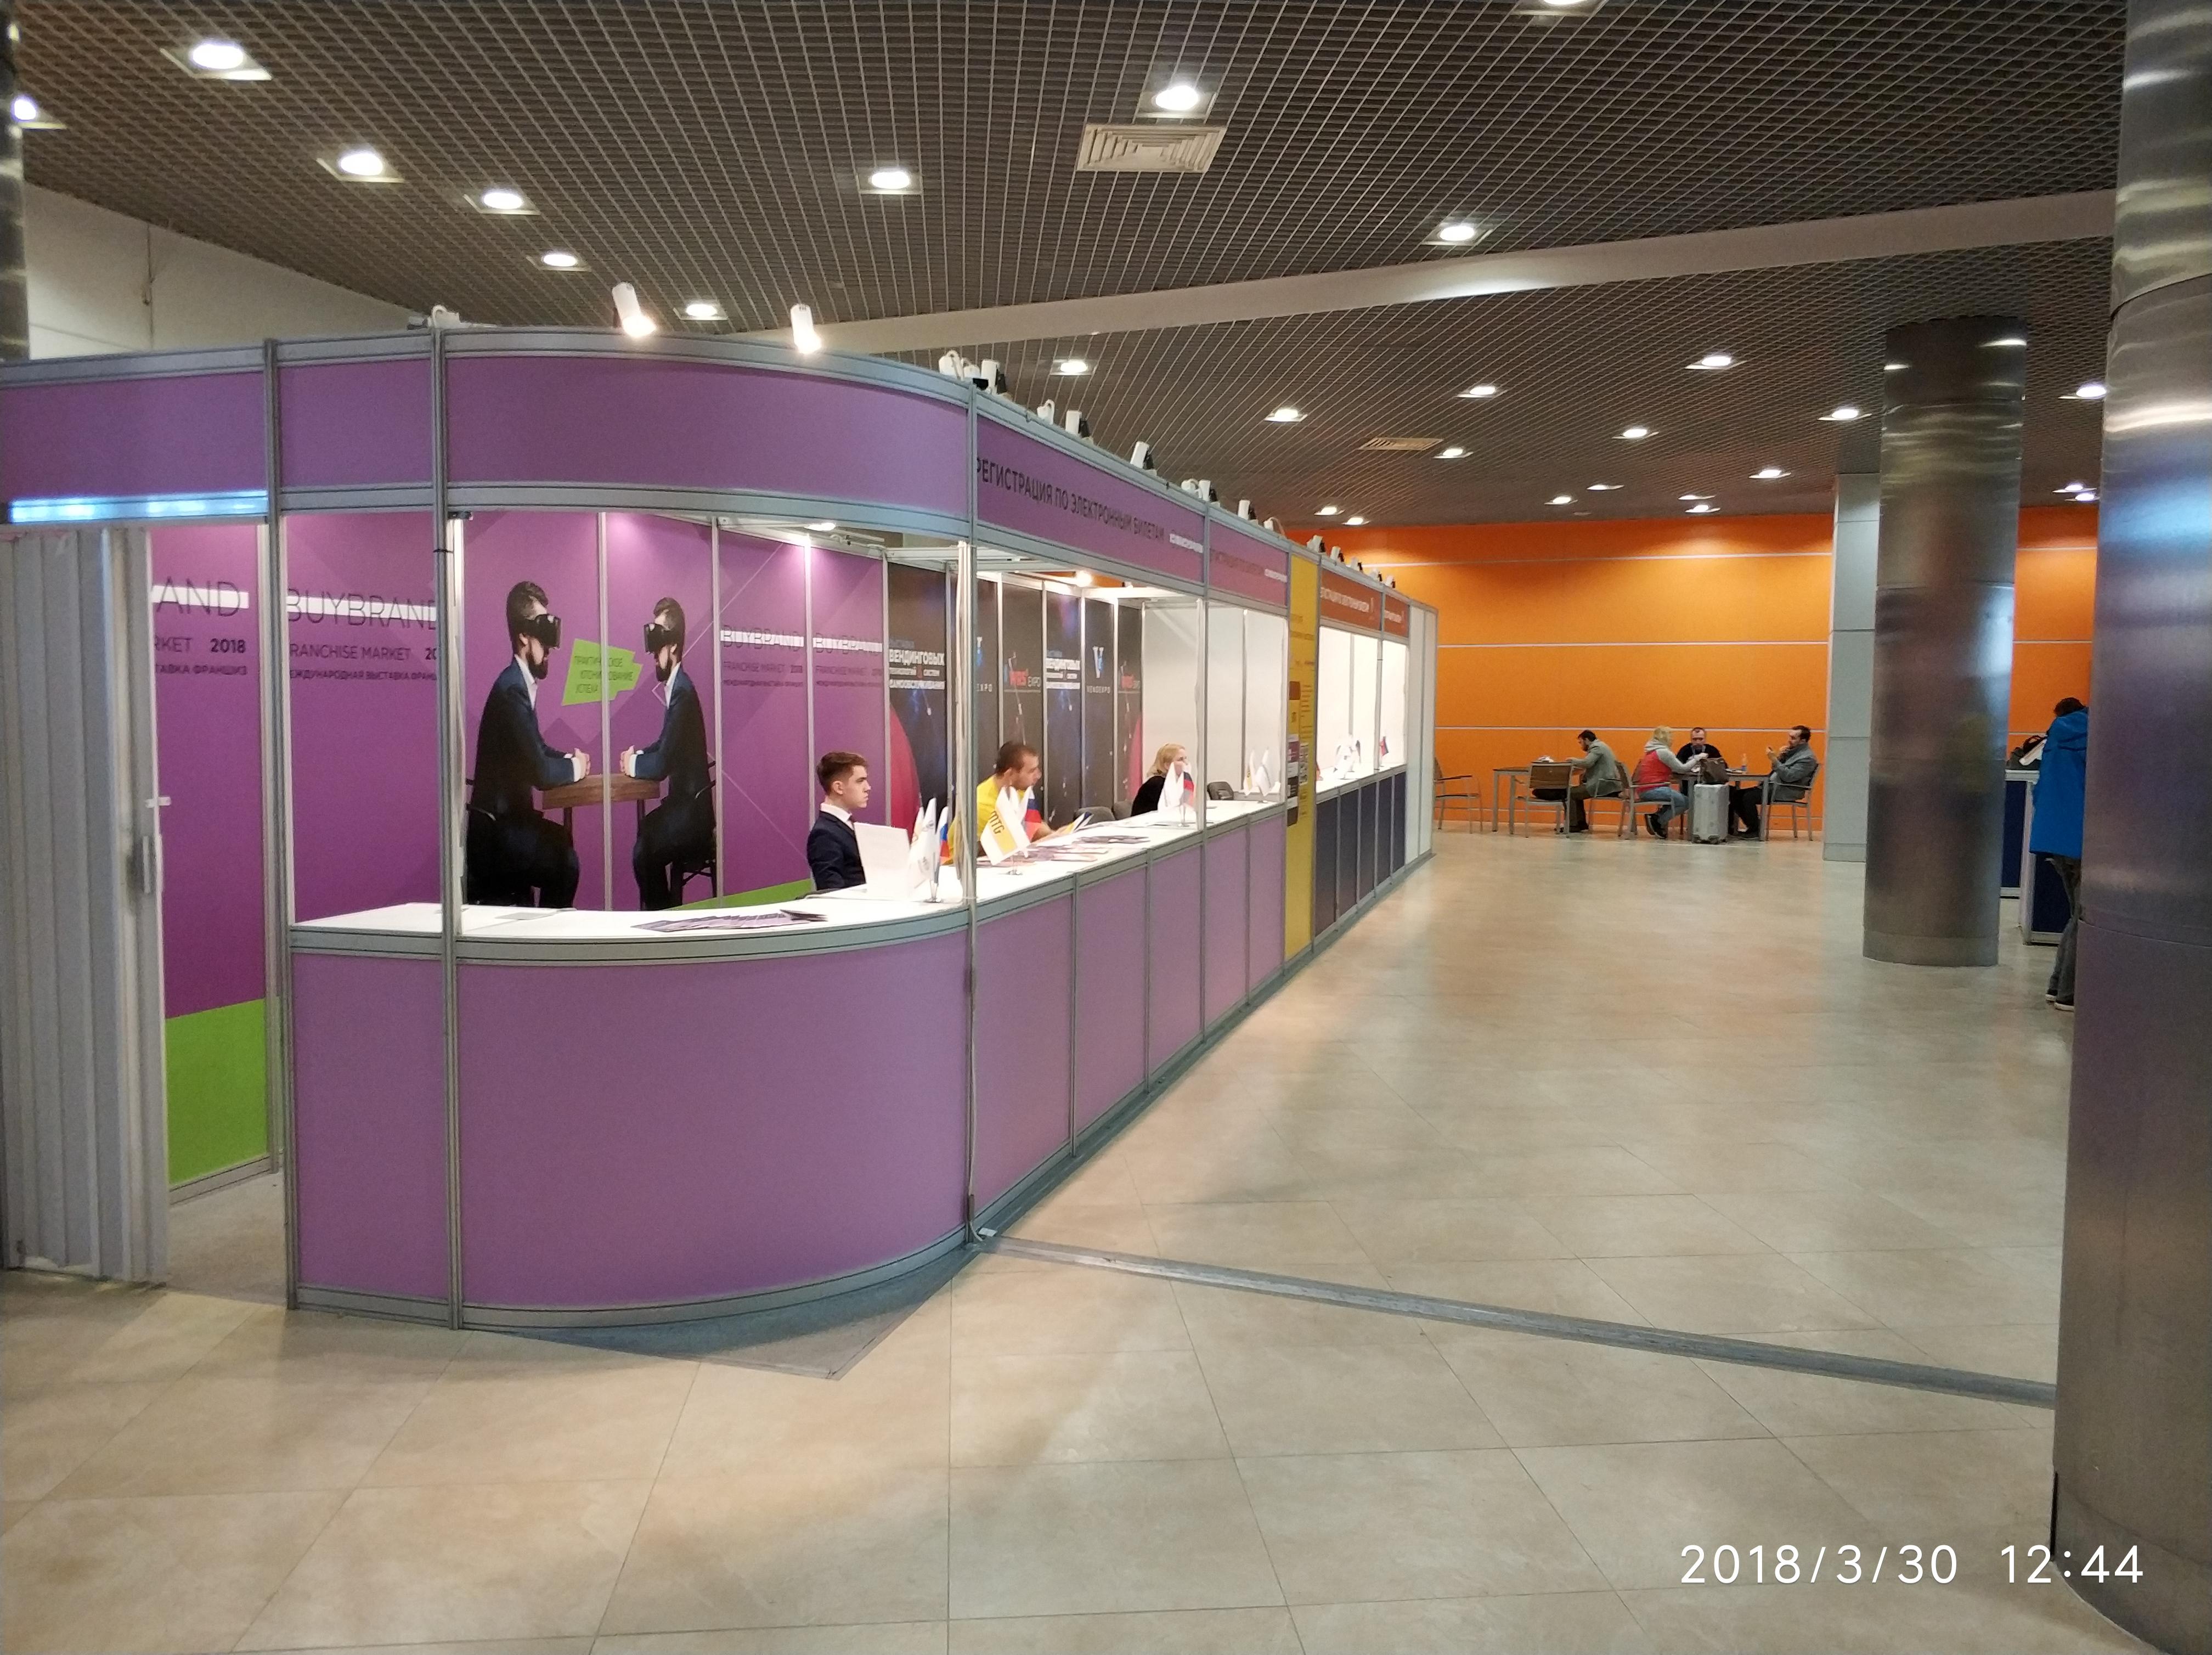 VendExpo 2018. Стойка регистрации по электронным билетам от 02.04.2018 11:10:00